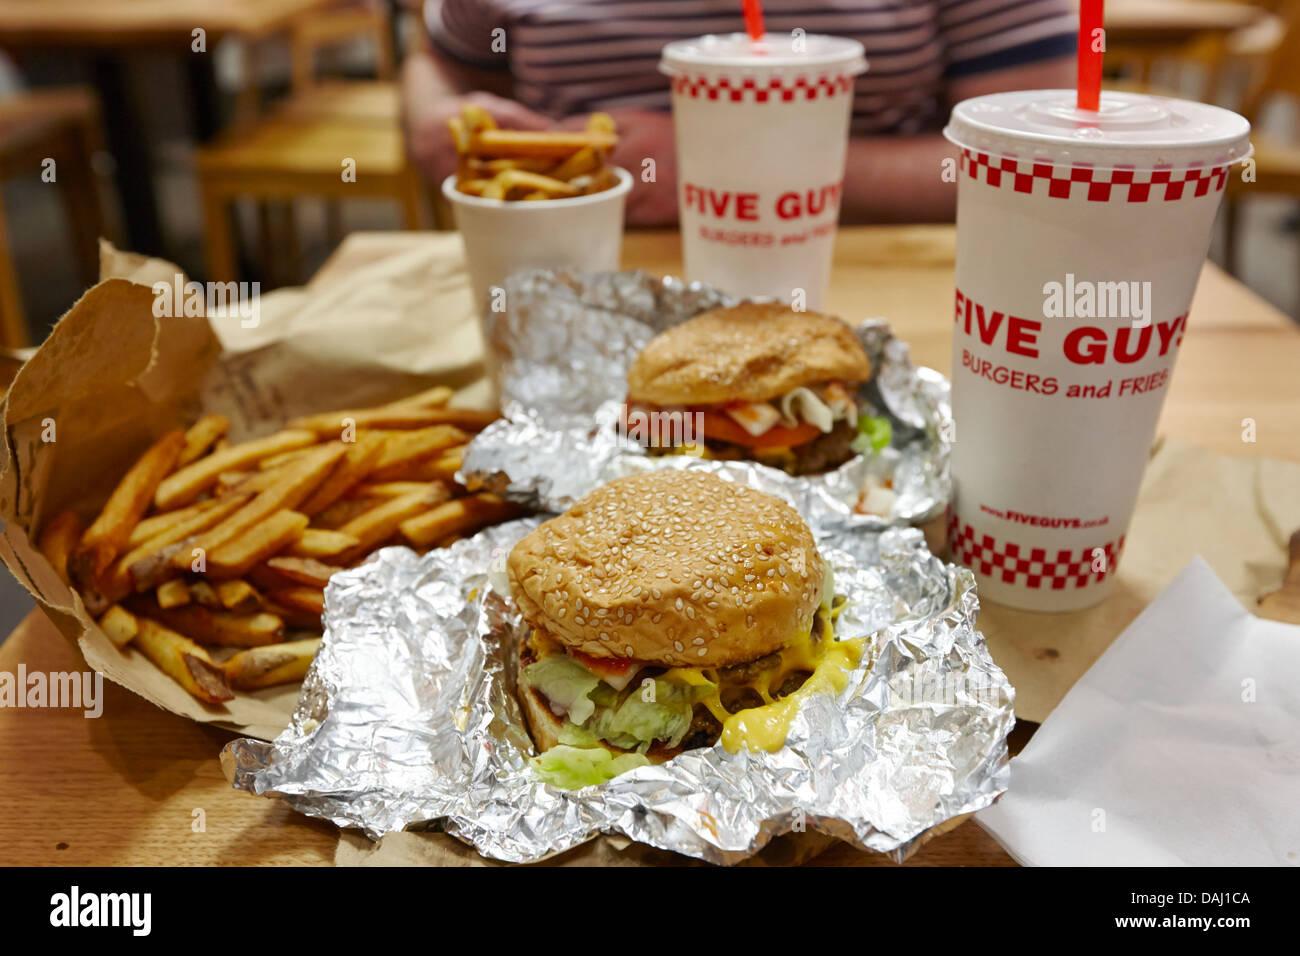 Burger und Pommes und Milchshakes von fünf Jungs Burger Restaurant neu in Covent Garden London, England, Großbritannien Stockbild